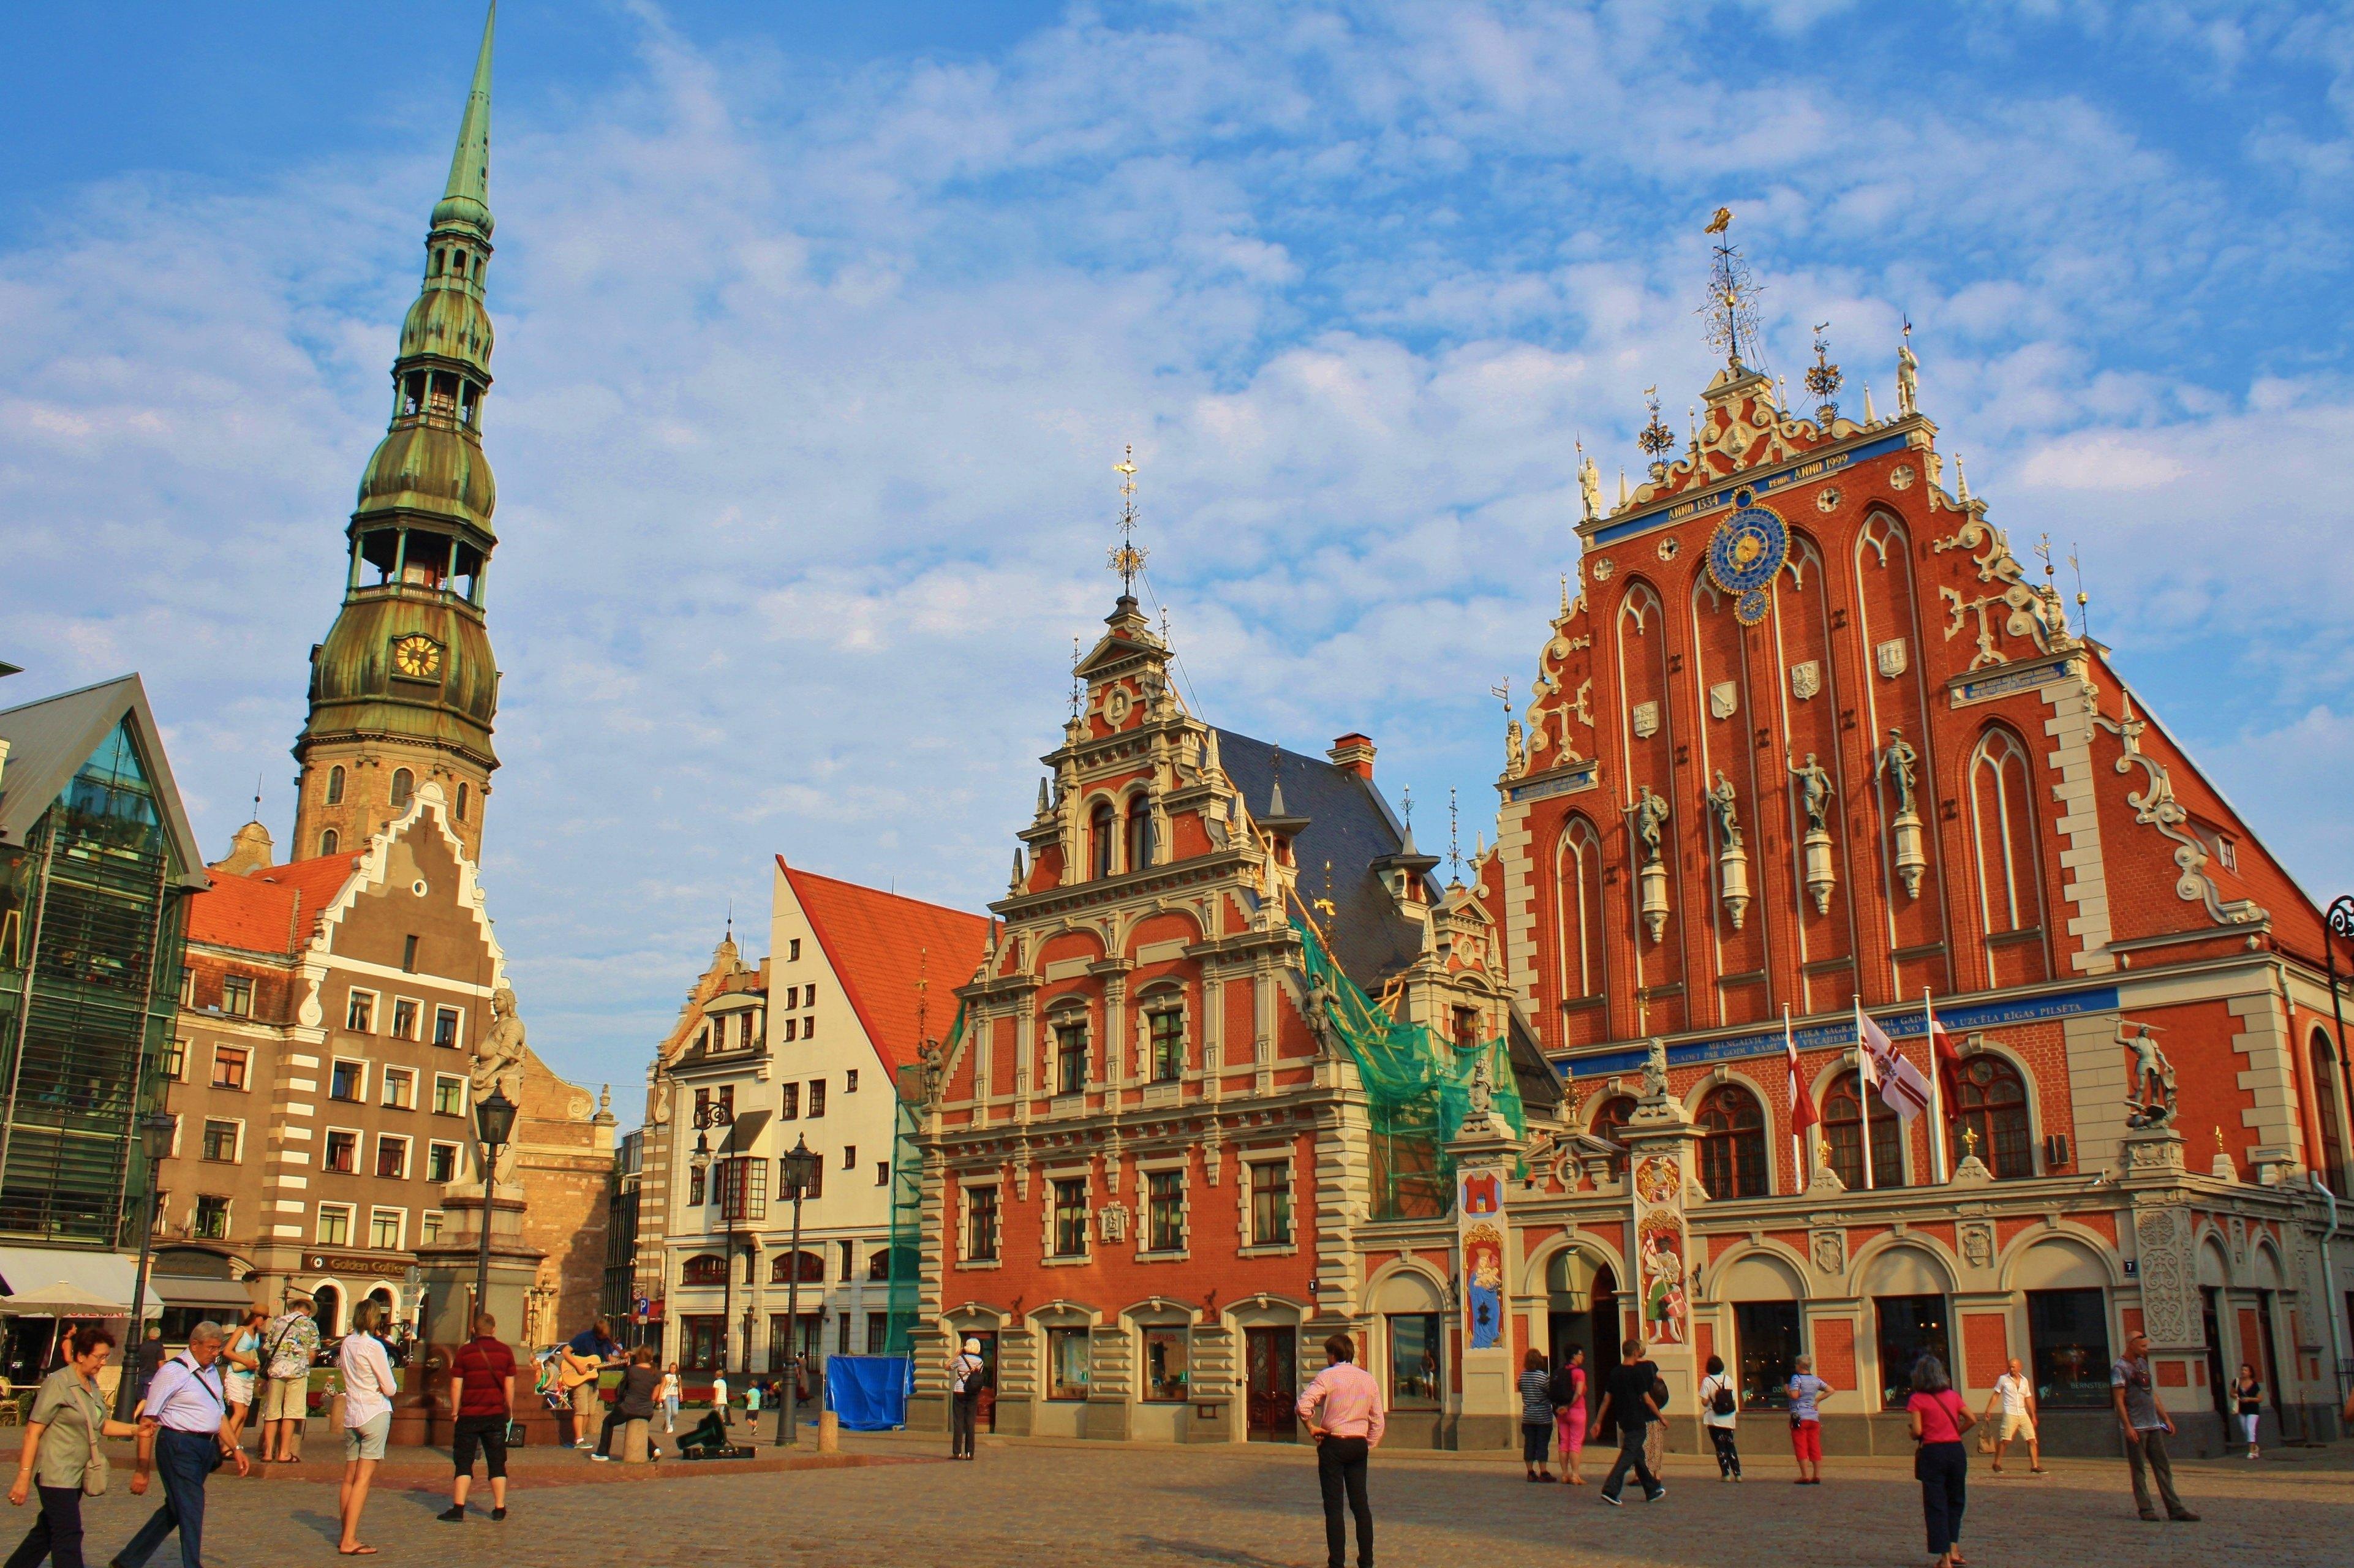 立陶宛维尔纽斯+拉脱维亚里加+爱沙尼亚塔林+赫尔辛基9日7晚自由行·不一样的欧洲 波罗的海3国 穿越之旅|可选WIFI翻译机